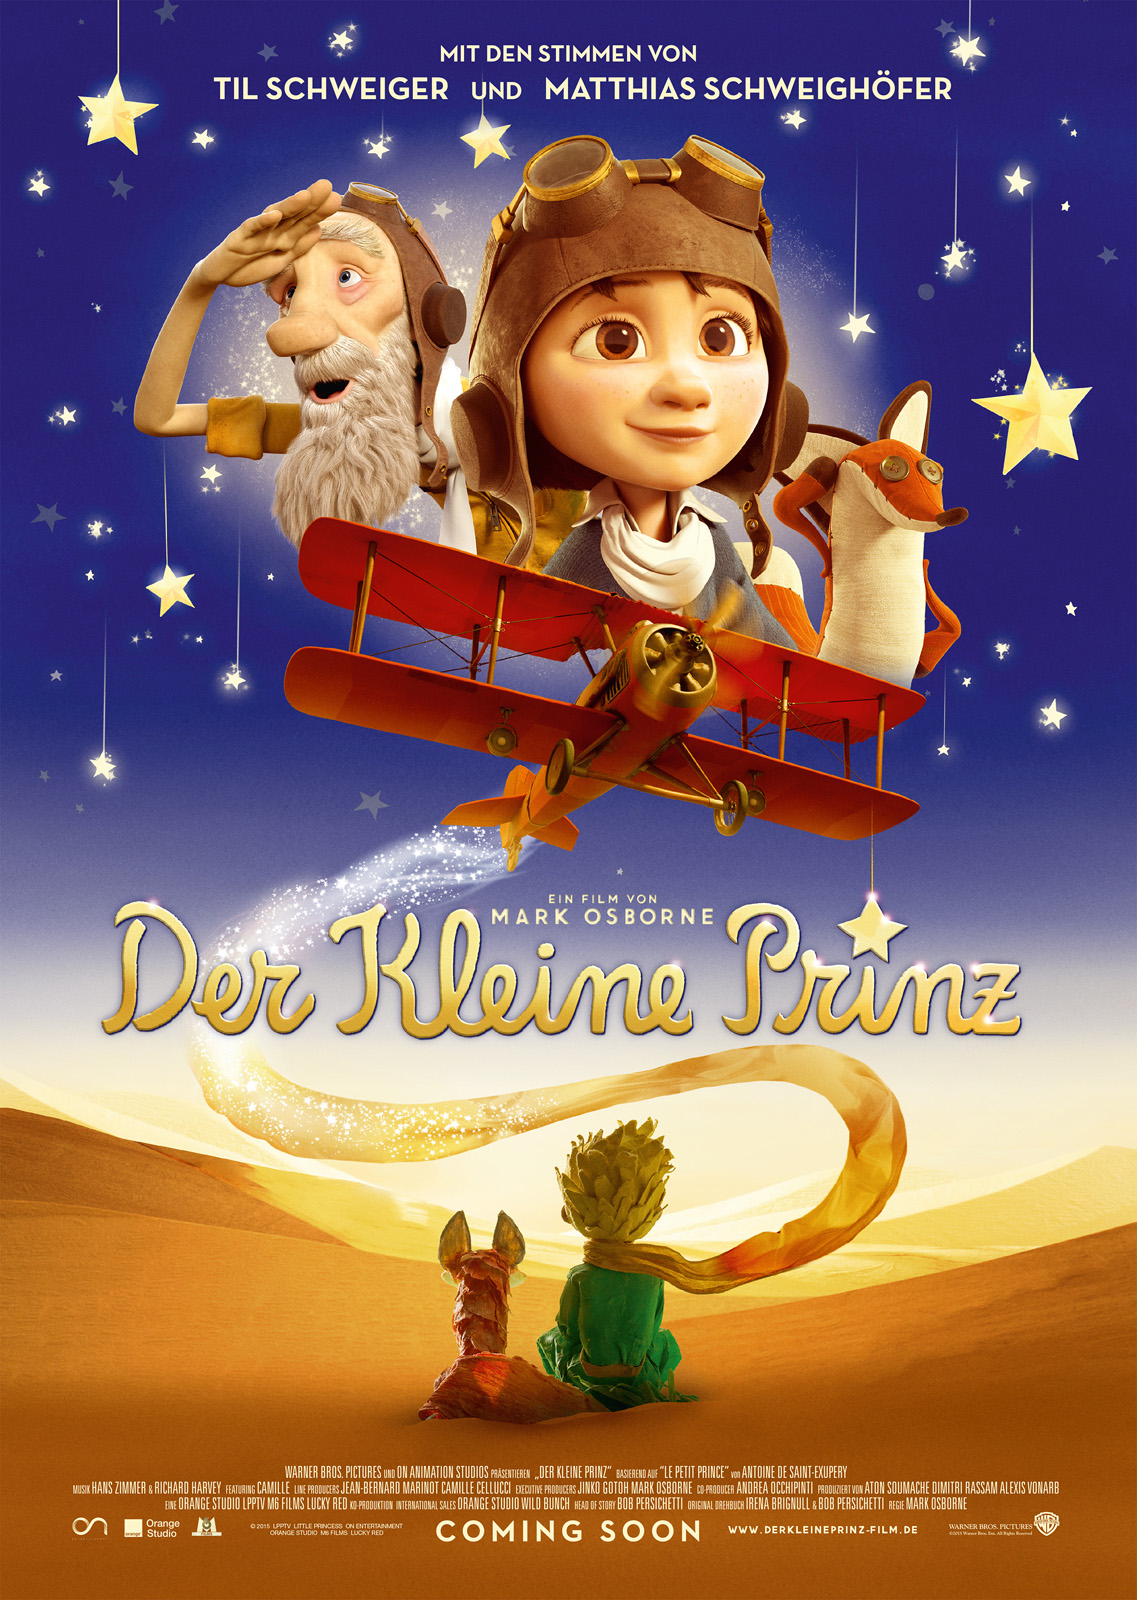 Der kleine Prinz - Die Filmstarts-Kritik auf FILMSTARTS.de